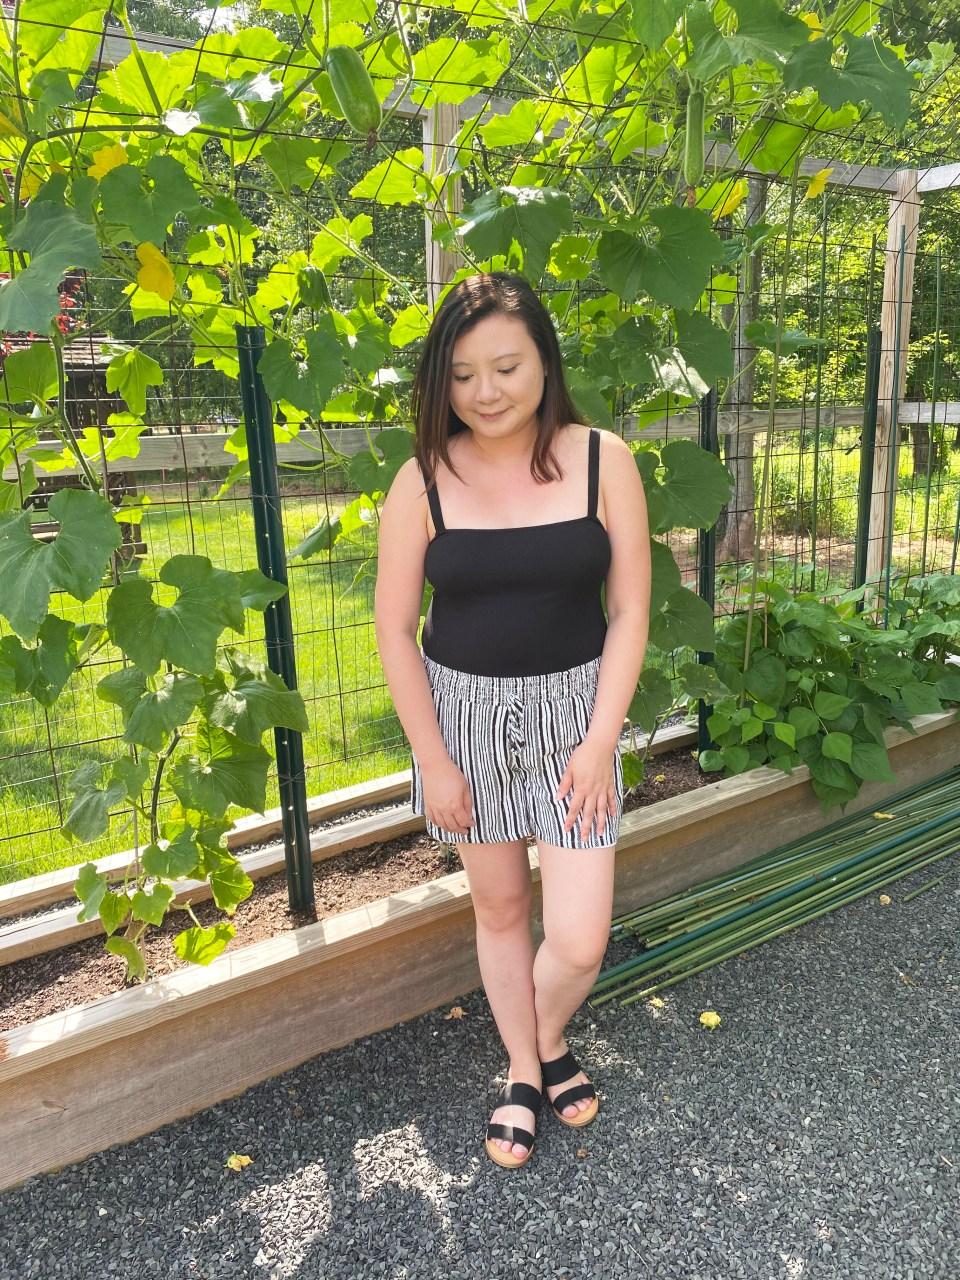 Black Bodysuit & Striped Shorts 8